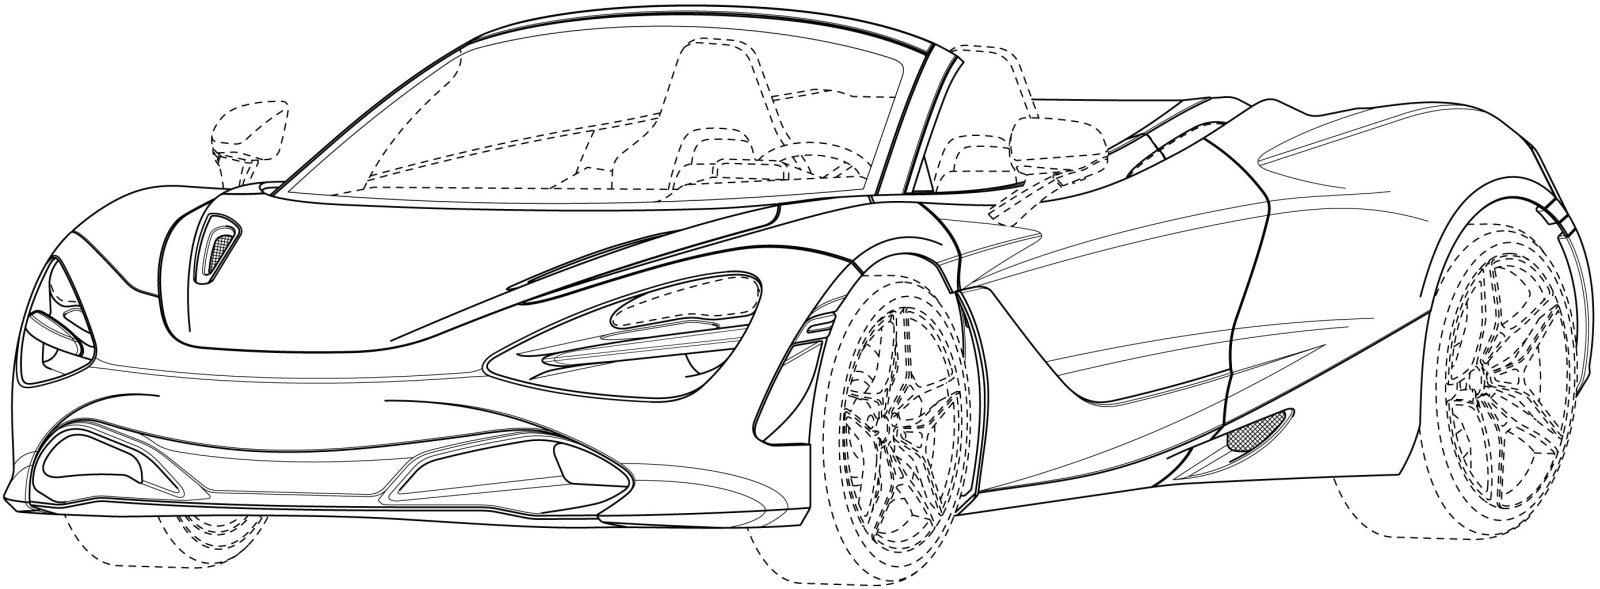 McLaren_720S_Spider_patent_images_0007